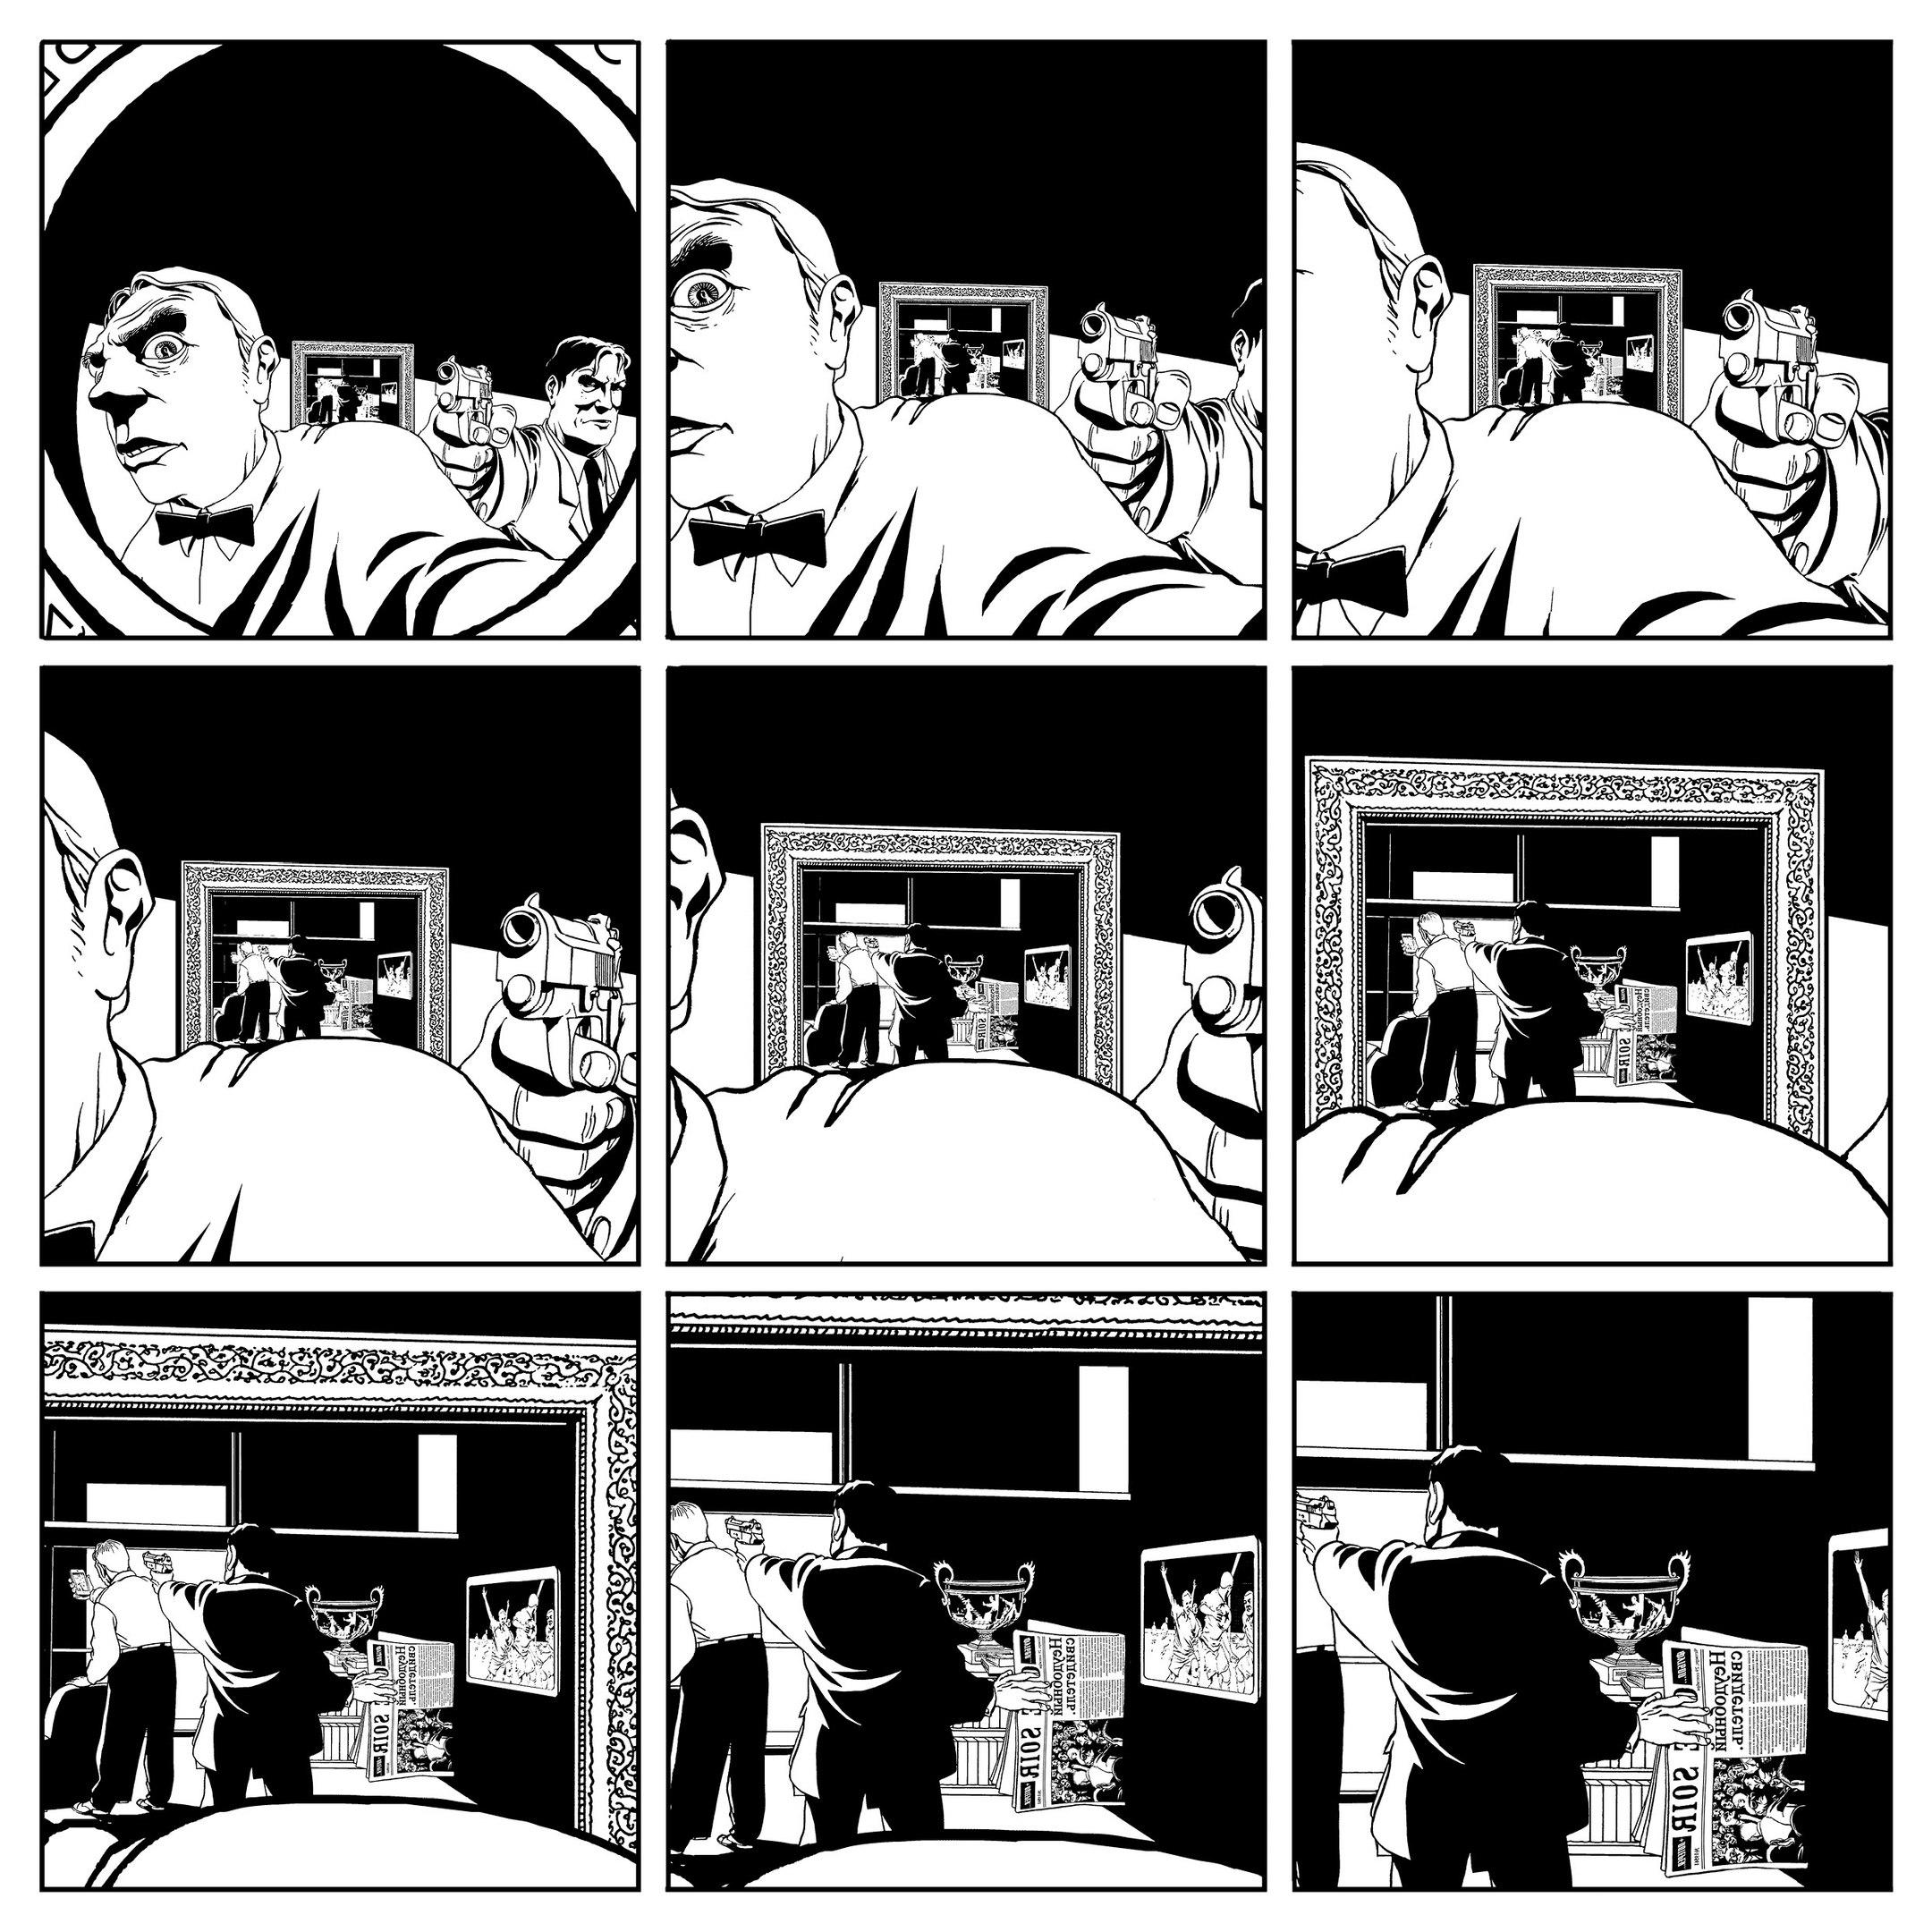 Комиксы хнтаи на русском языке